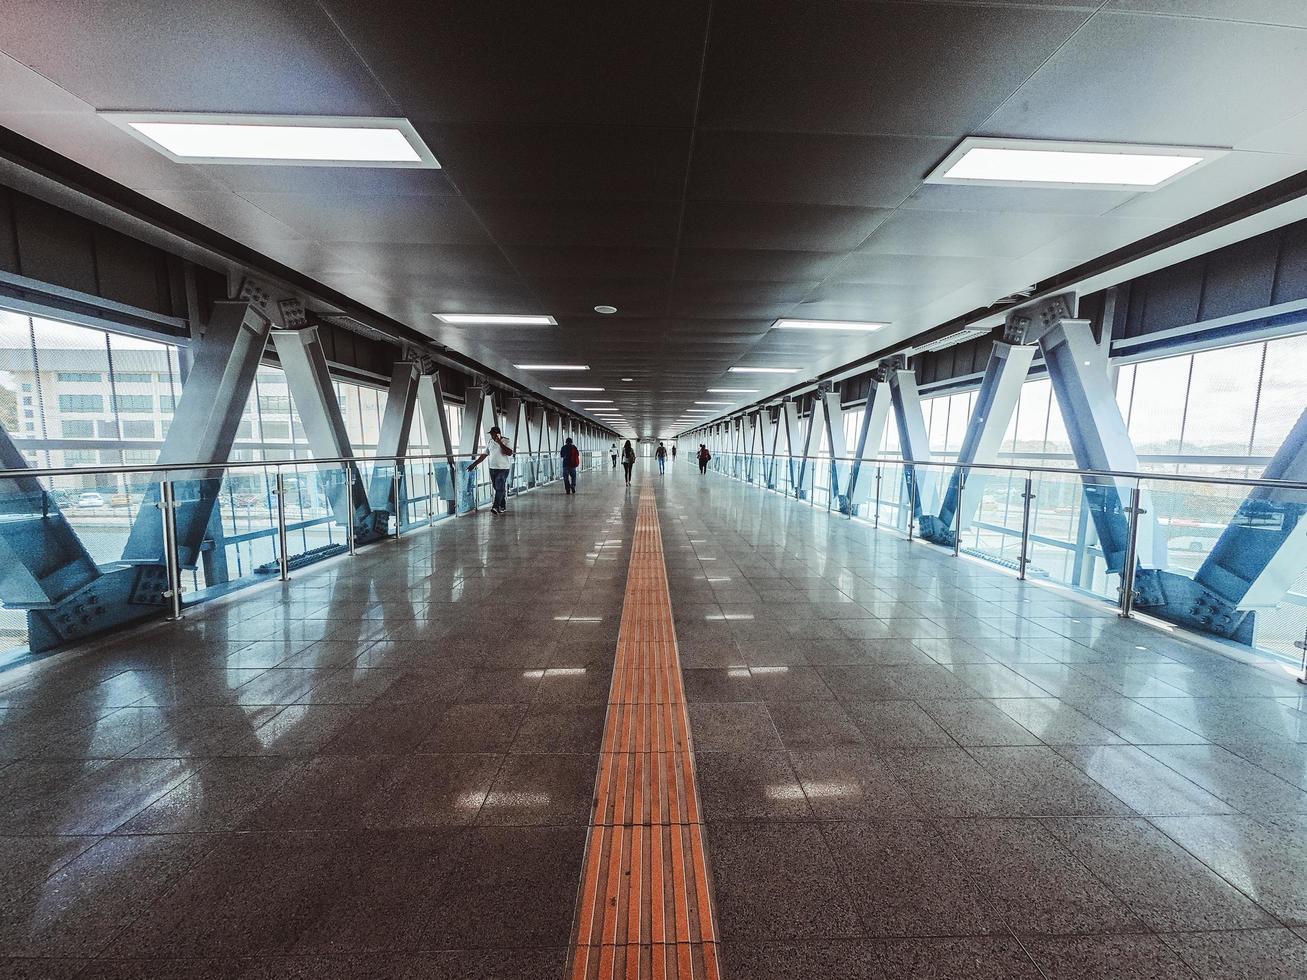 personnes marchant à l'intérieur du tunnel photo